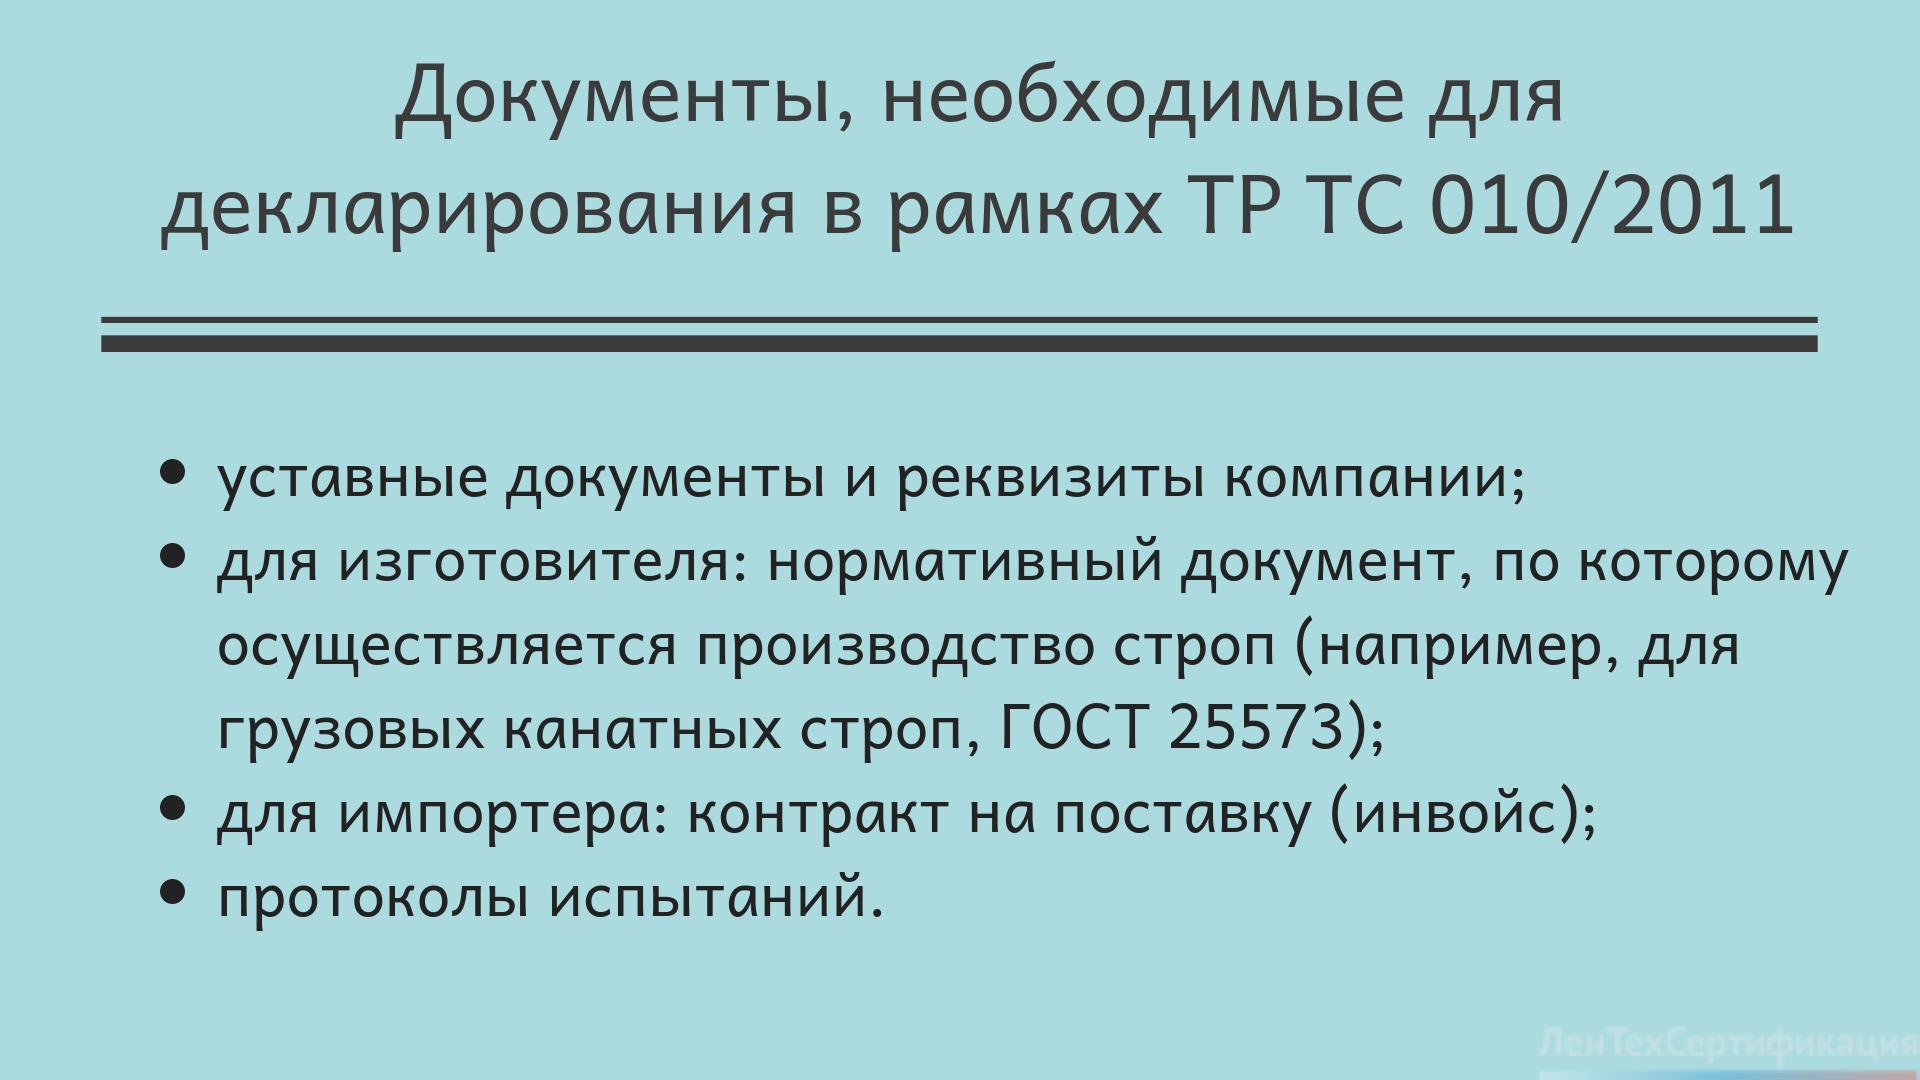 документы для ТР ТС 010/2011